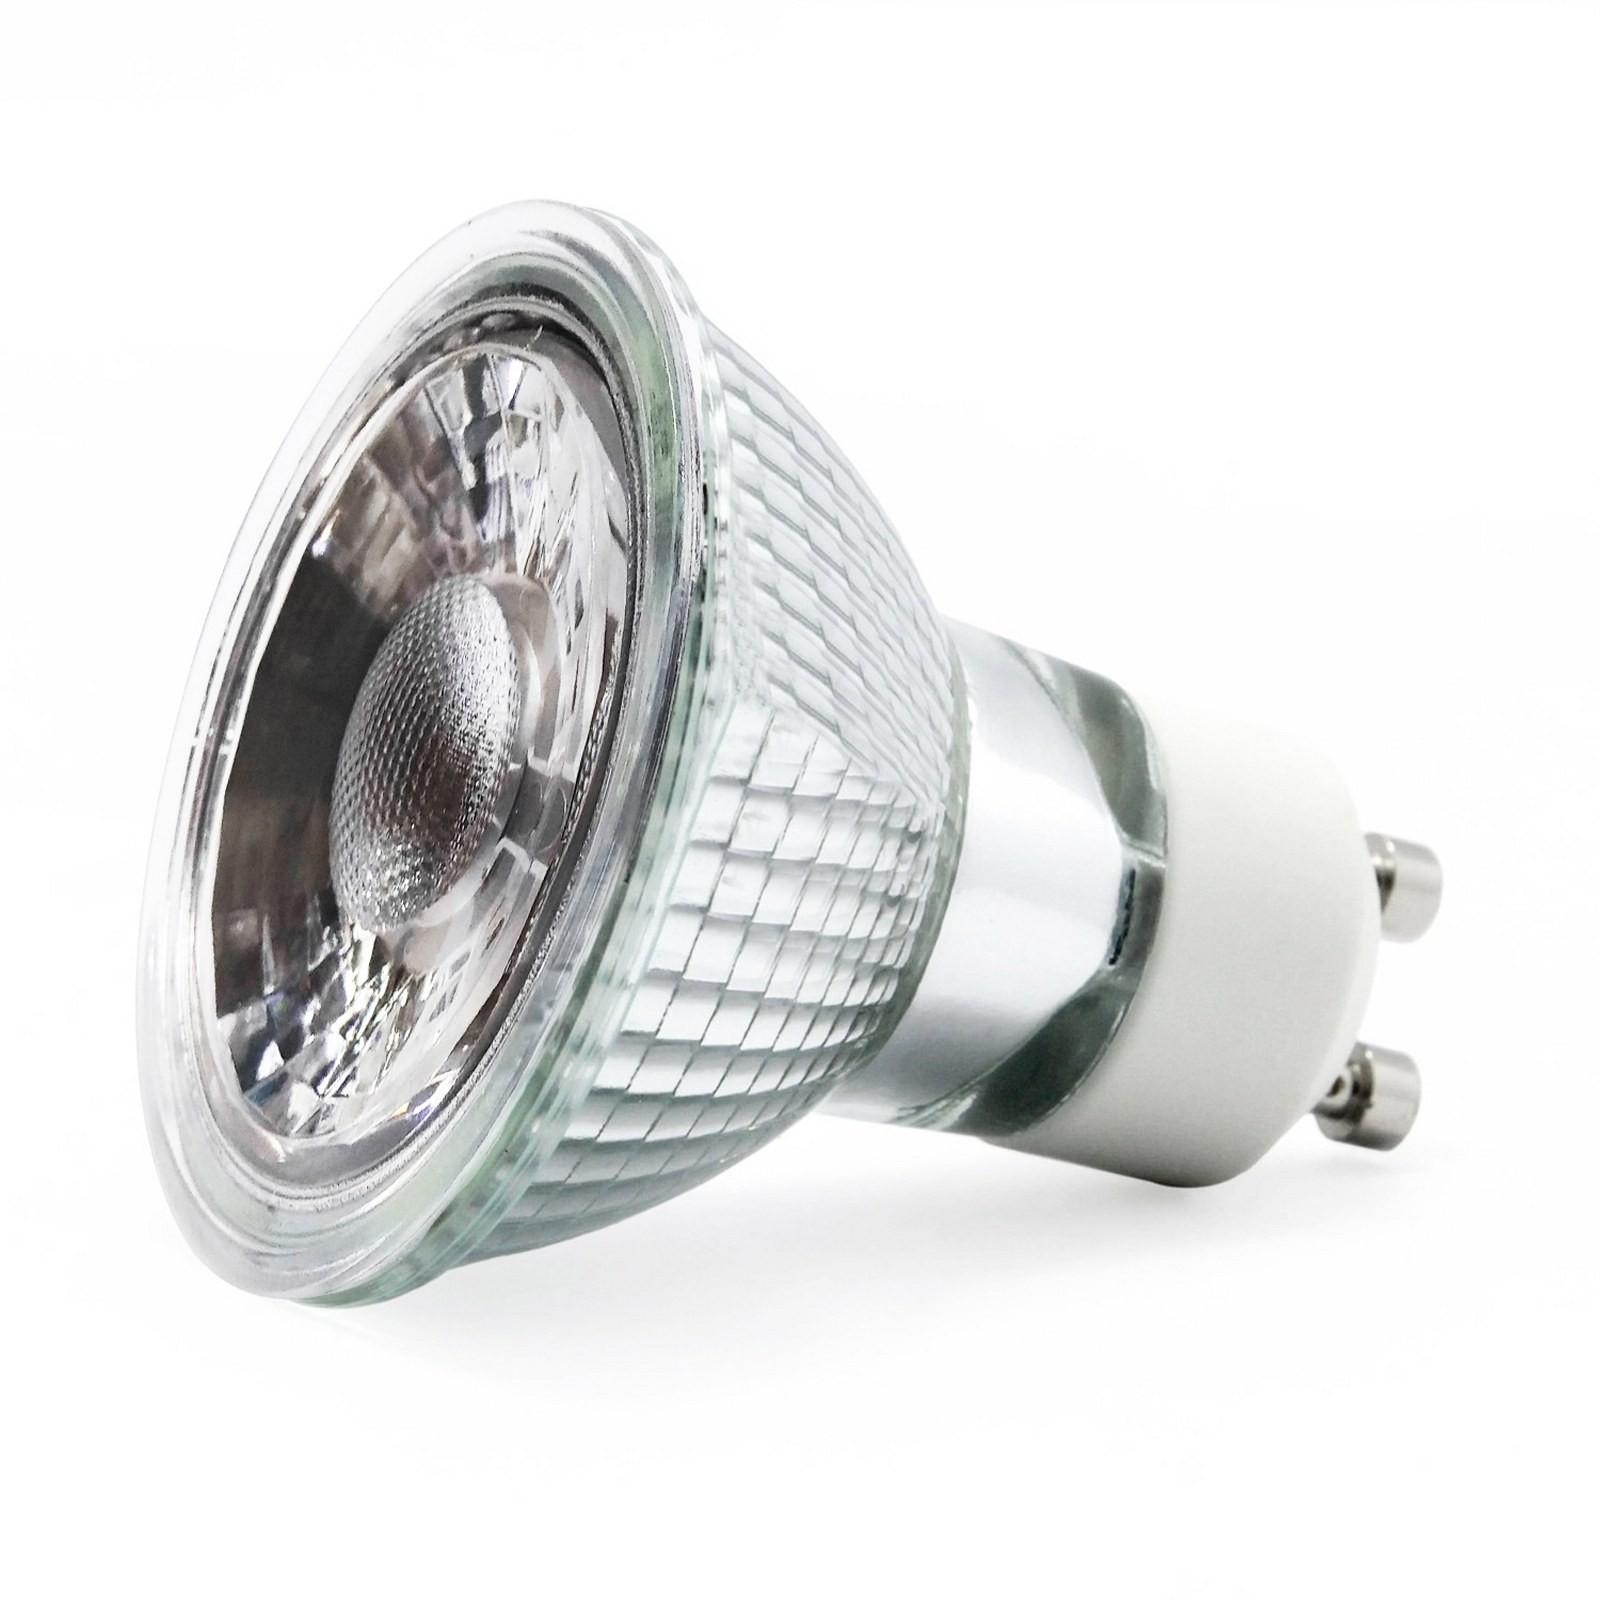 Lampada Led Faretto Gu10.Lampada Lampadina A Led Gu10 Faretto Luce Spot Naturale 5w